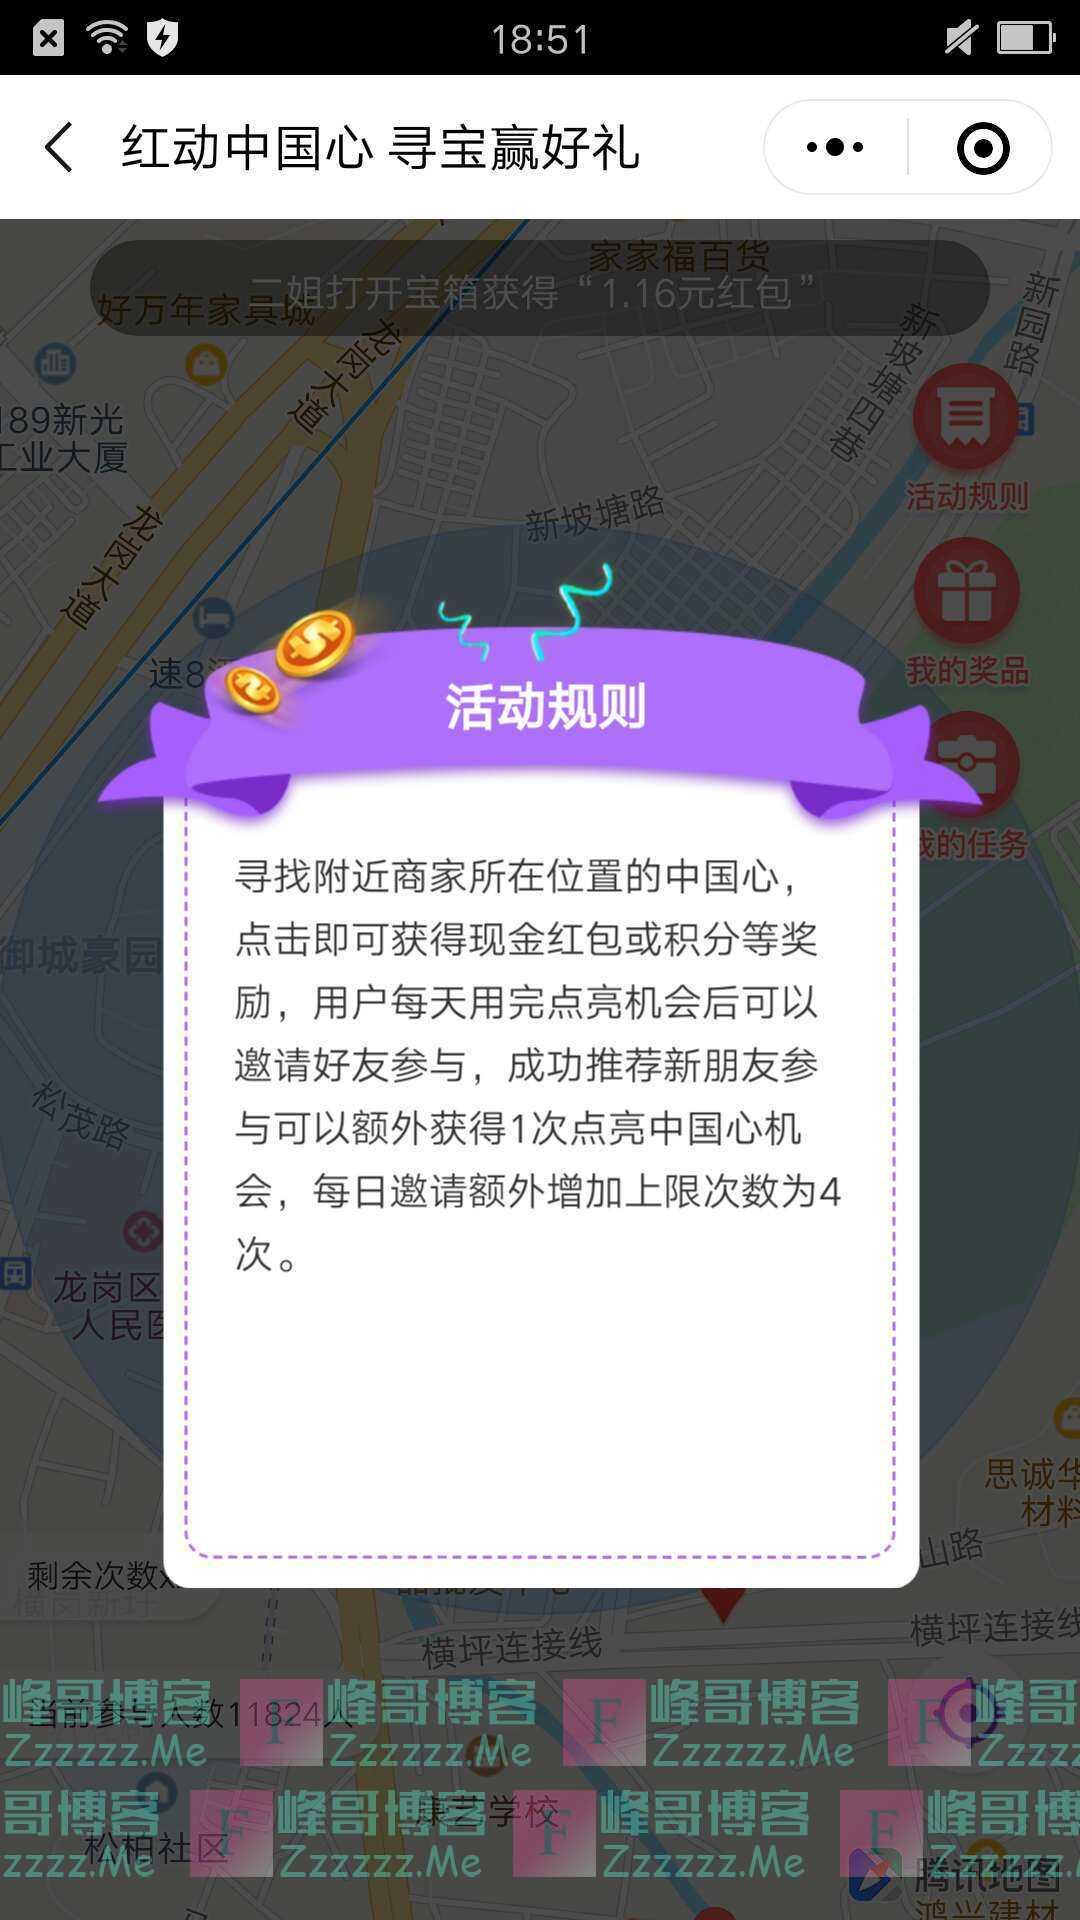 天子追赶者红动中国心 寻宝赢好礼(截止不详)